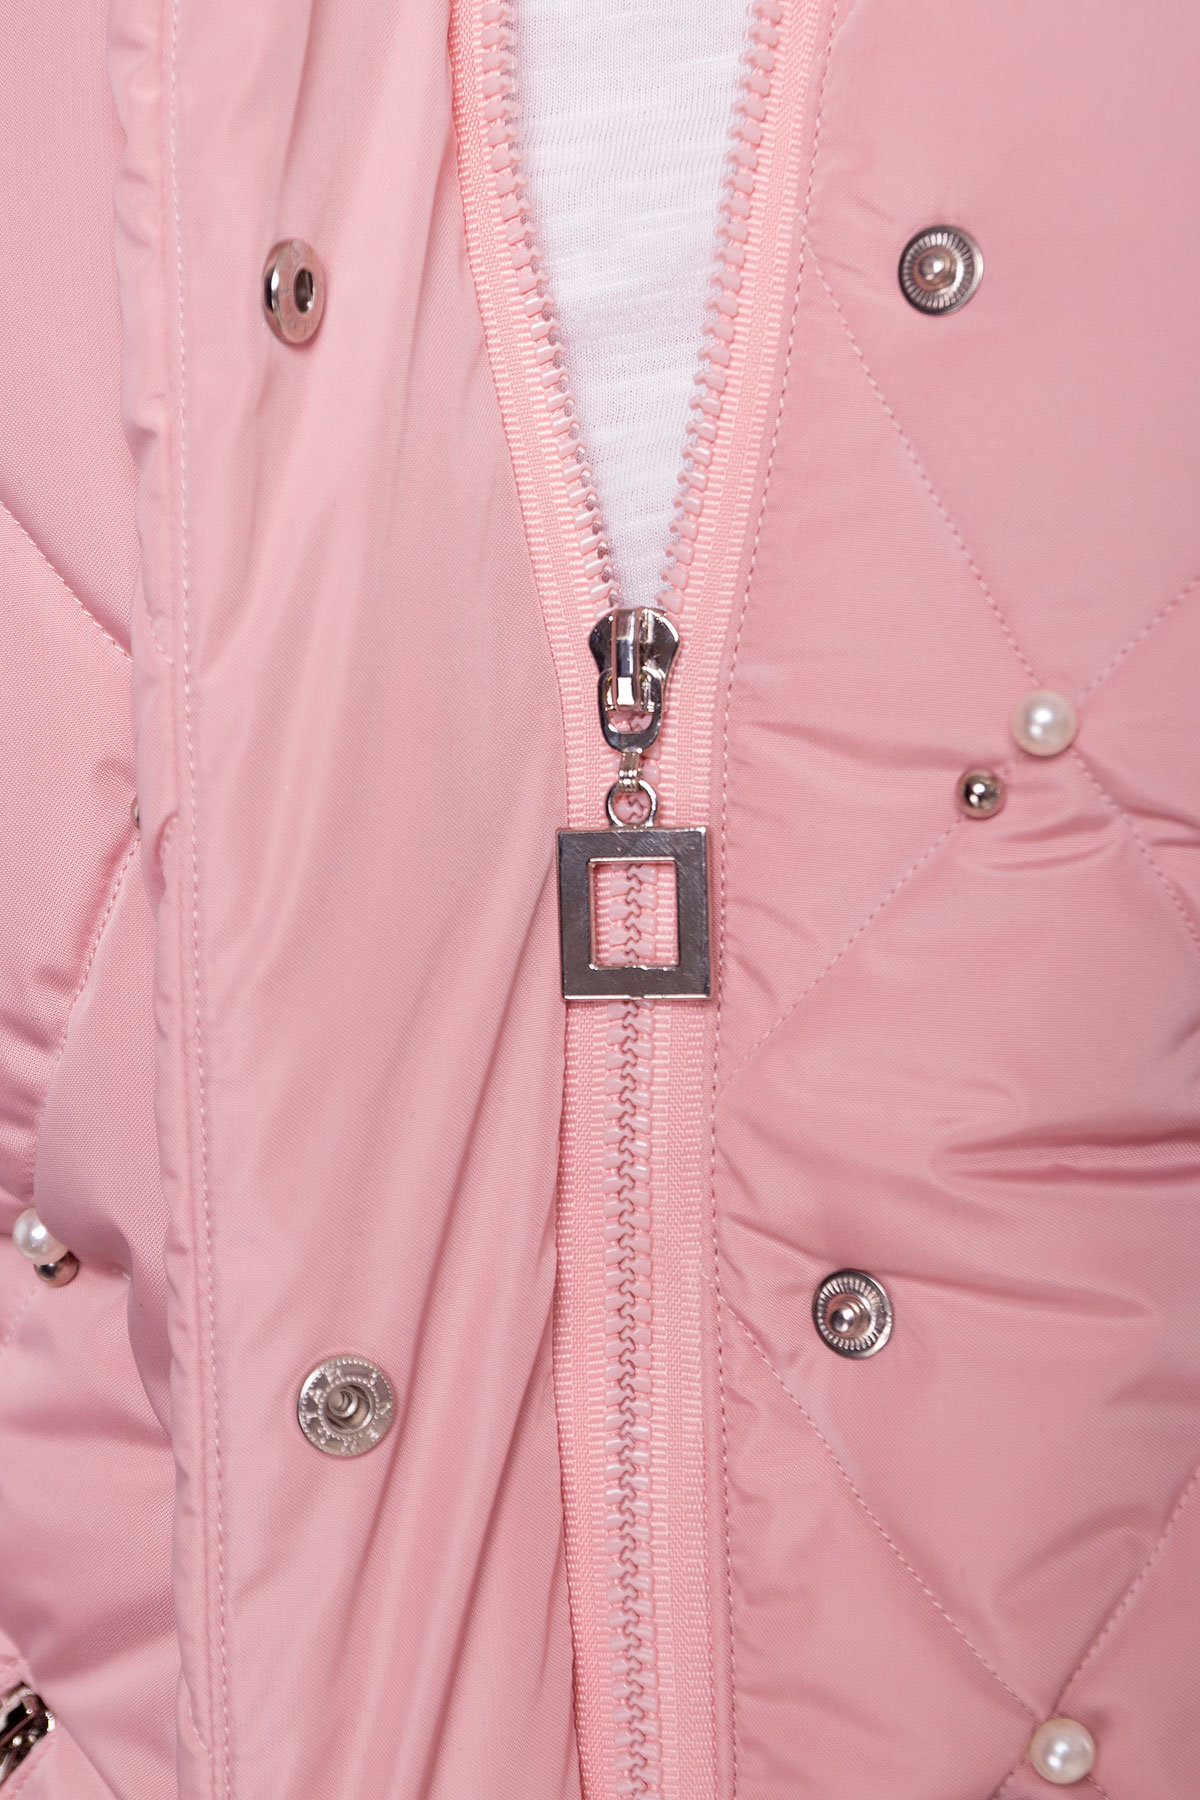 Куртка с воротником стойка Мирцелла 4591 АРТ. 33764 Цвет: Пудра - фото 4, интернет магазин tm-modus.ru